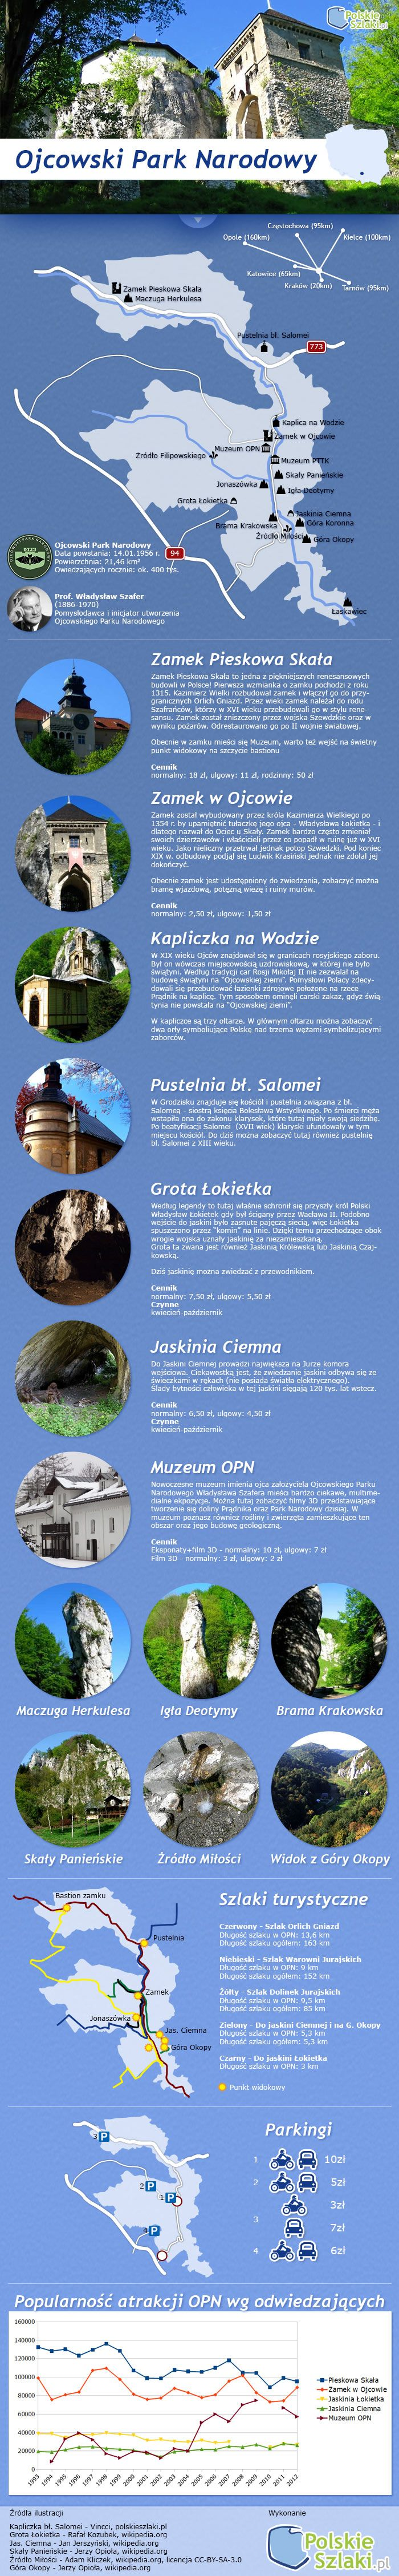 Infografika - Ojcowski Park Narodowy w pigułce, wszystkie informacje turystyczne w jednym miejscu!